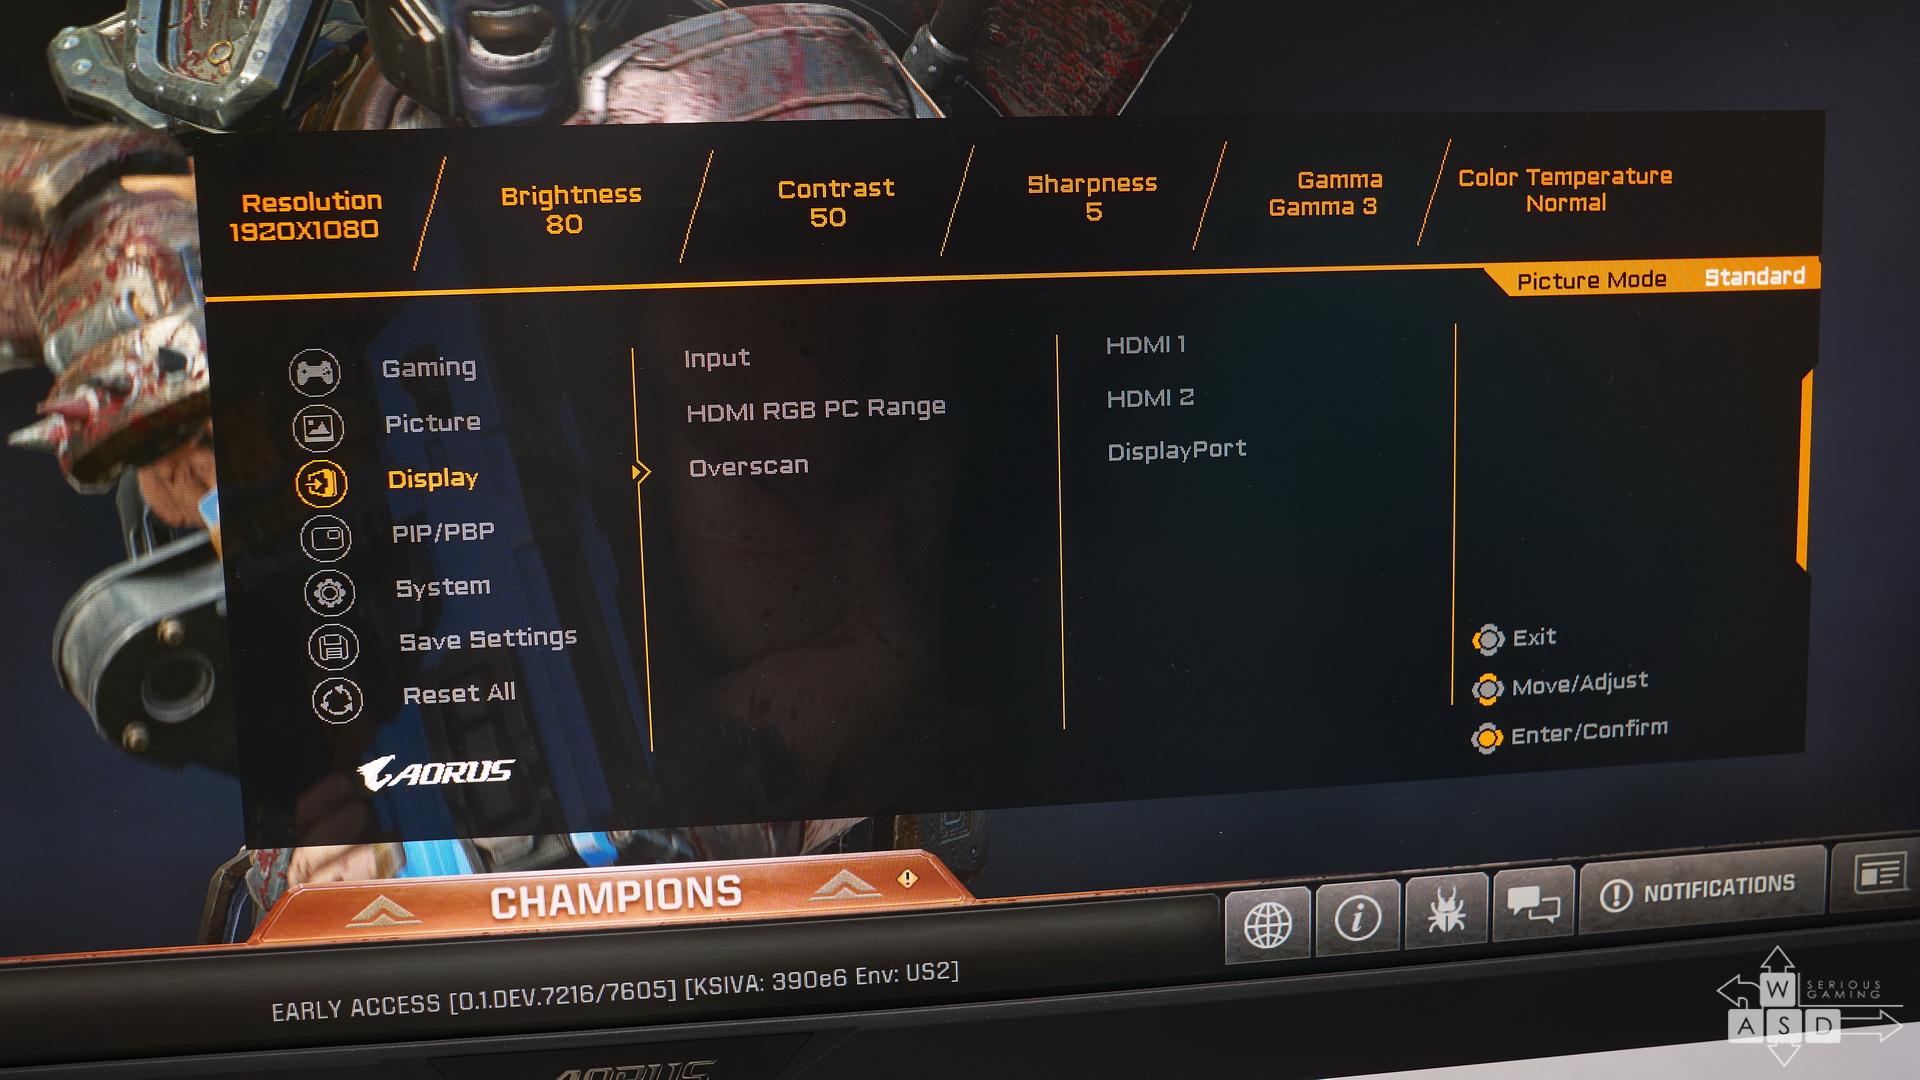 Aorus KD25F 240 Hz gaming monitor review | WASD